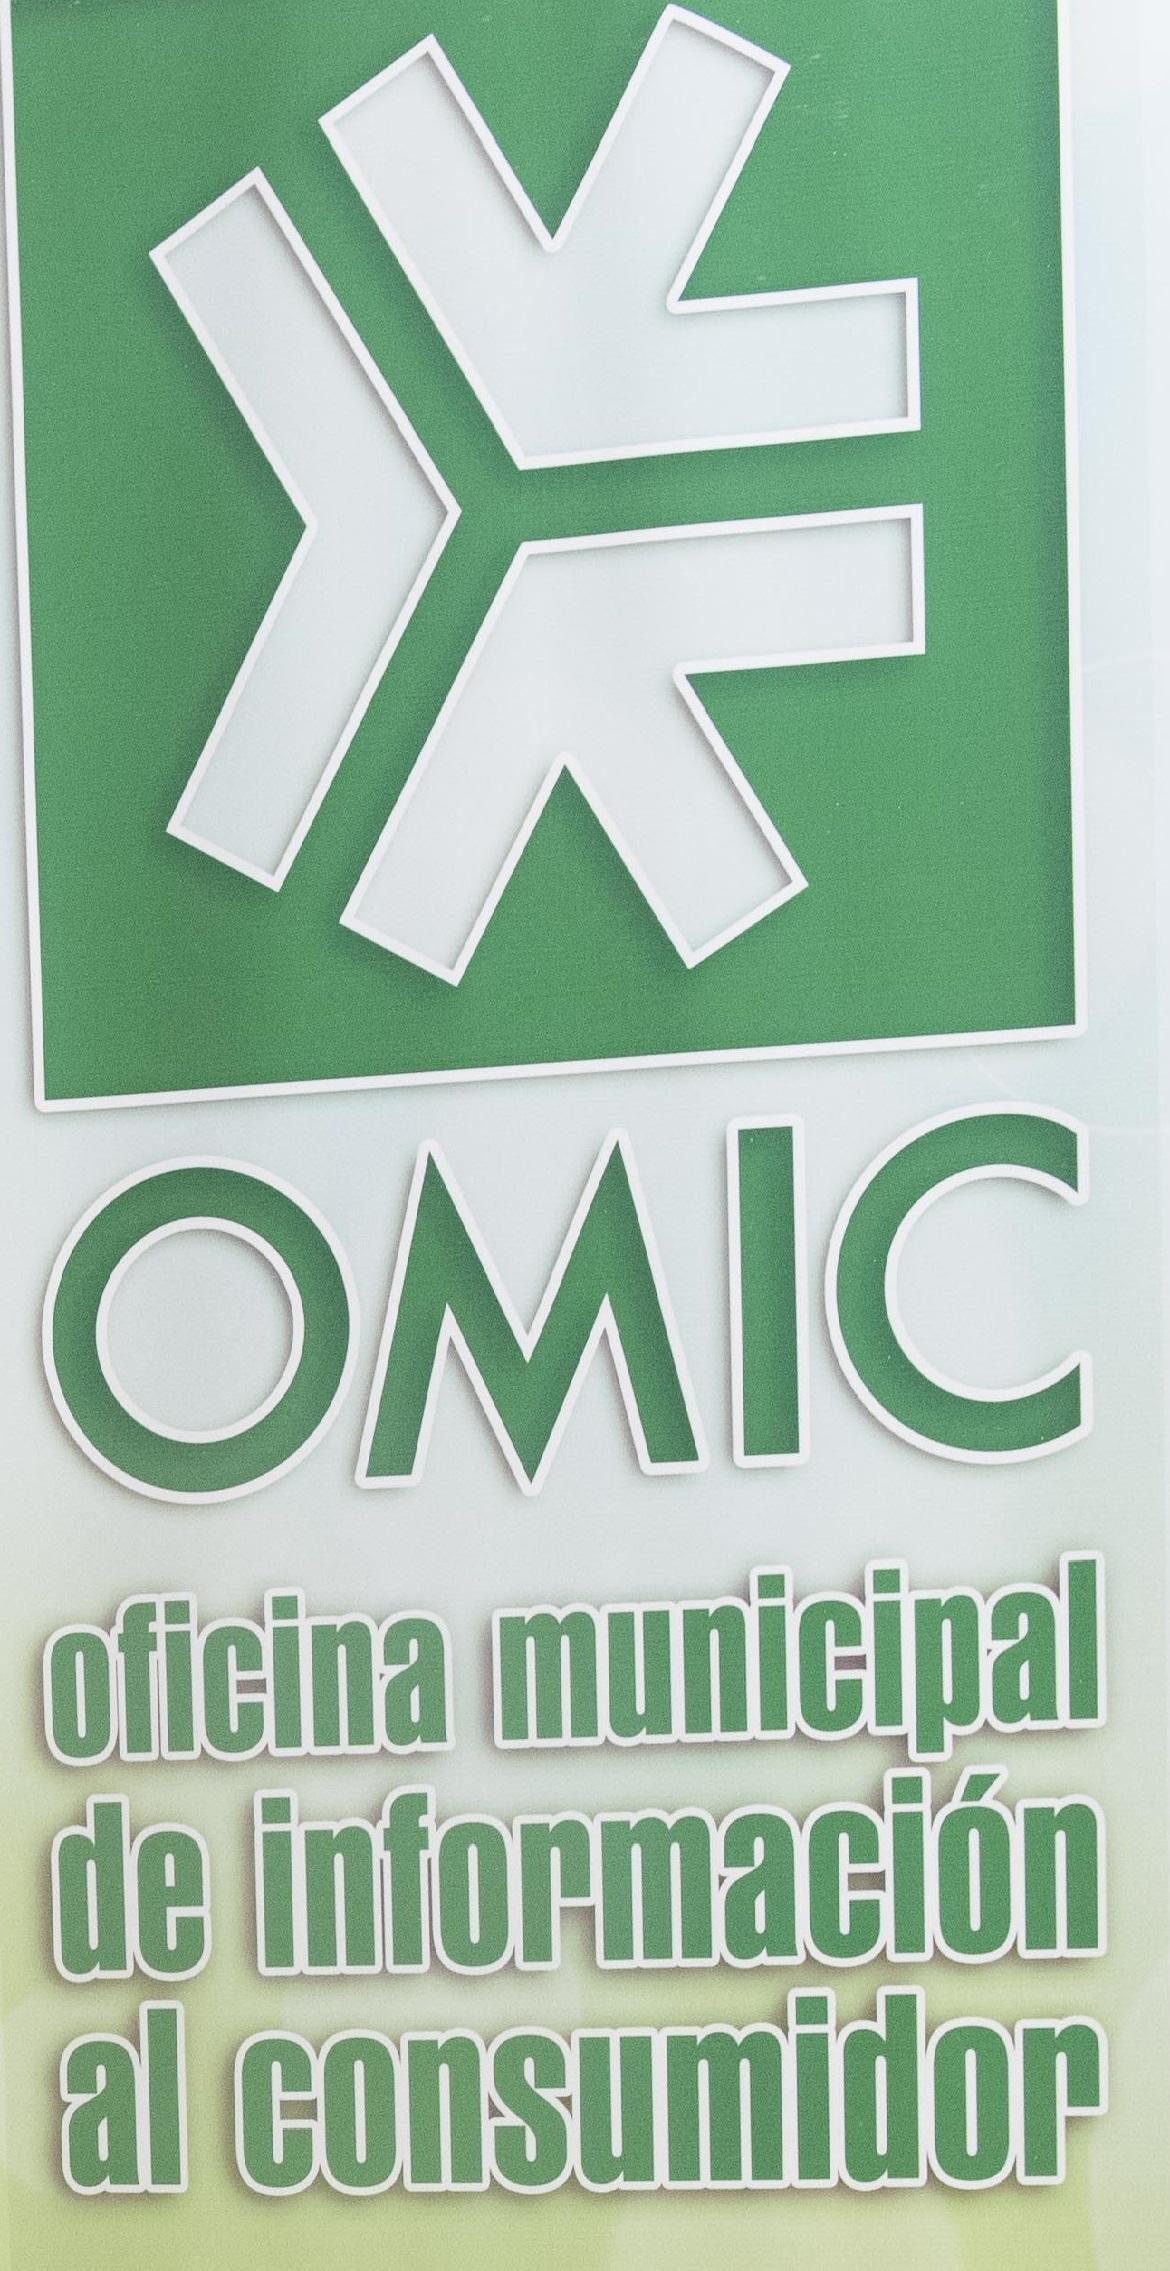 La Junta entrega ayudas a los Servicios municipales de Consumo